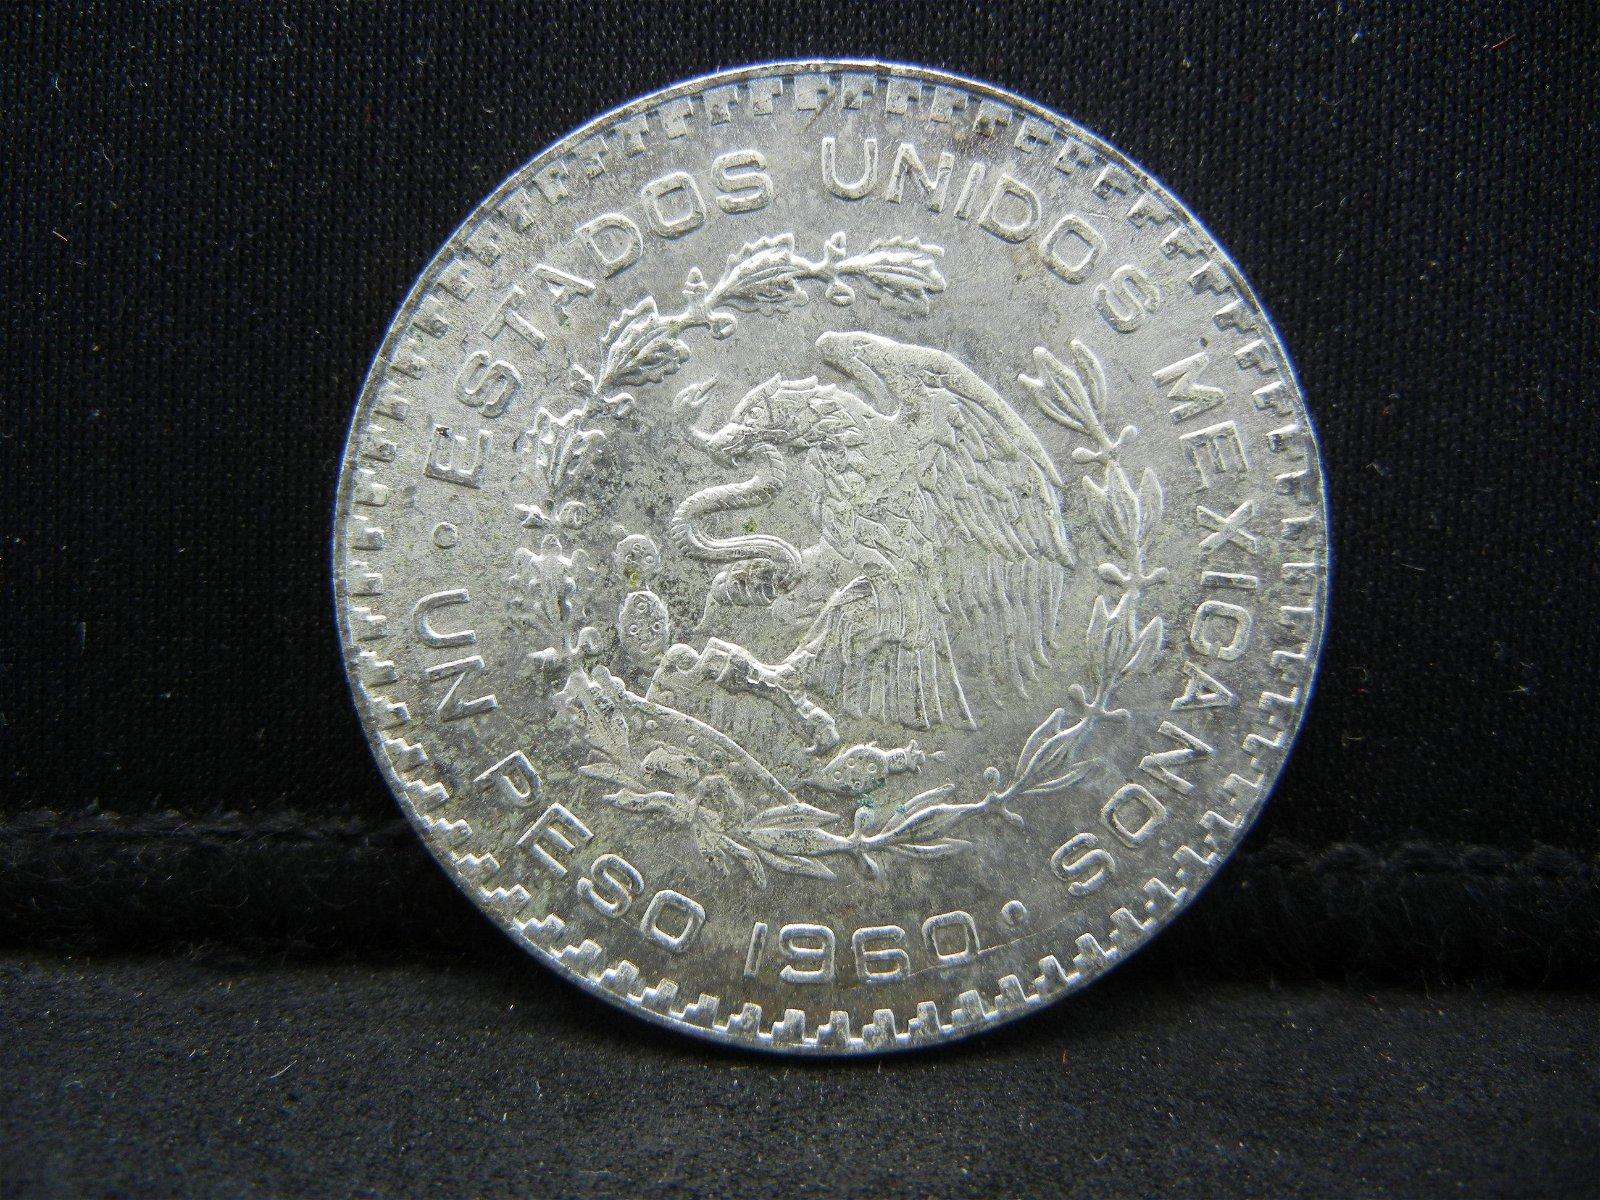 1960 Silver Un Peso Mexico Higher Grade